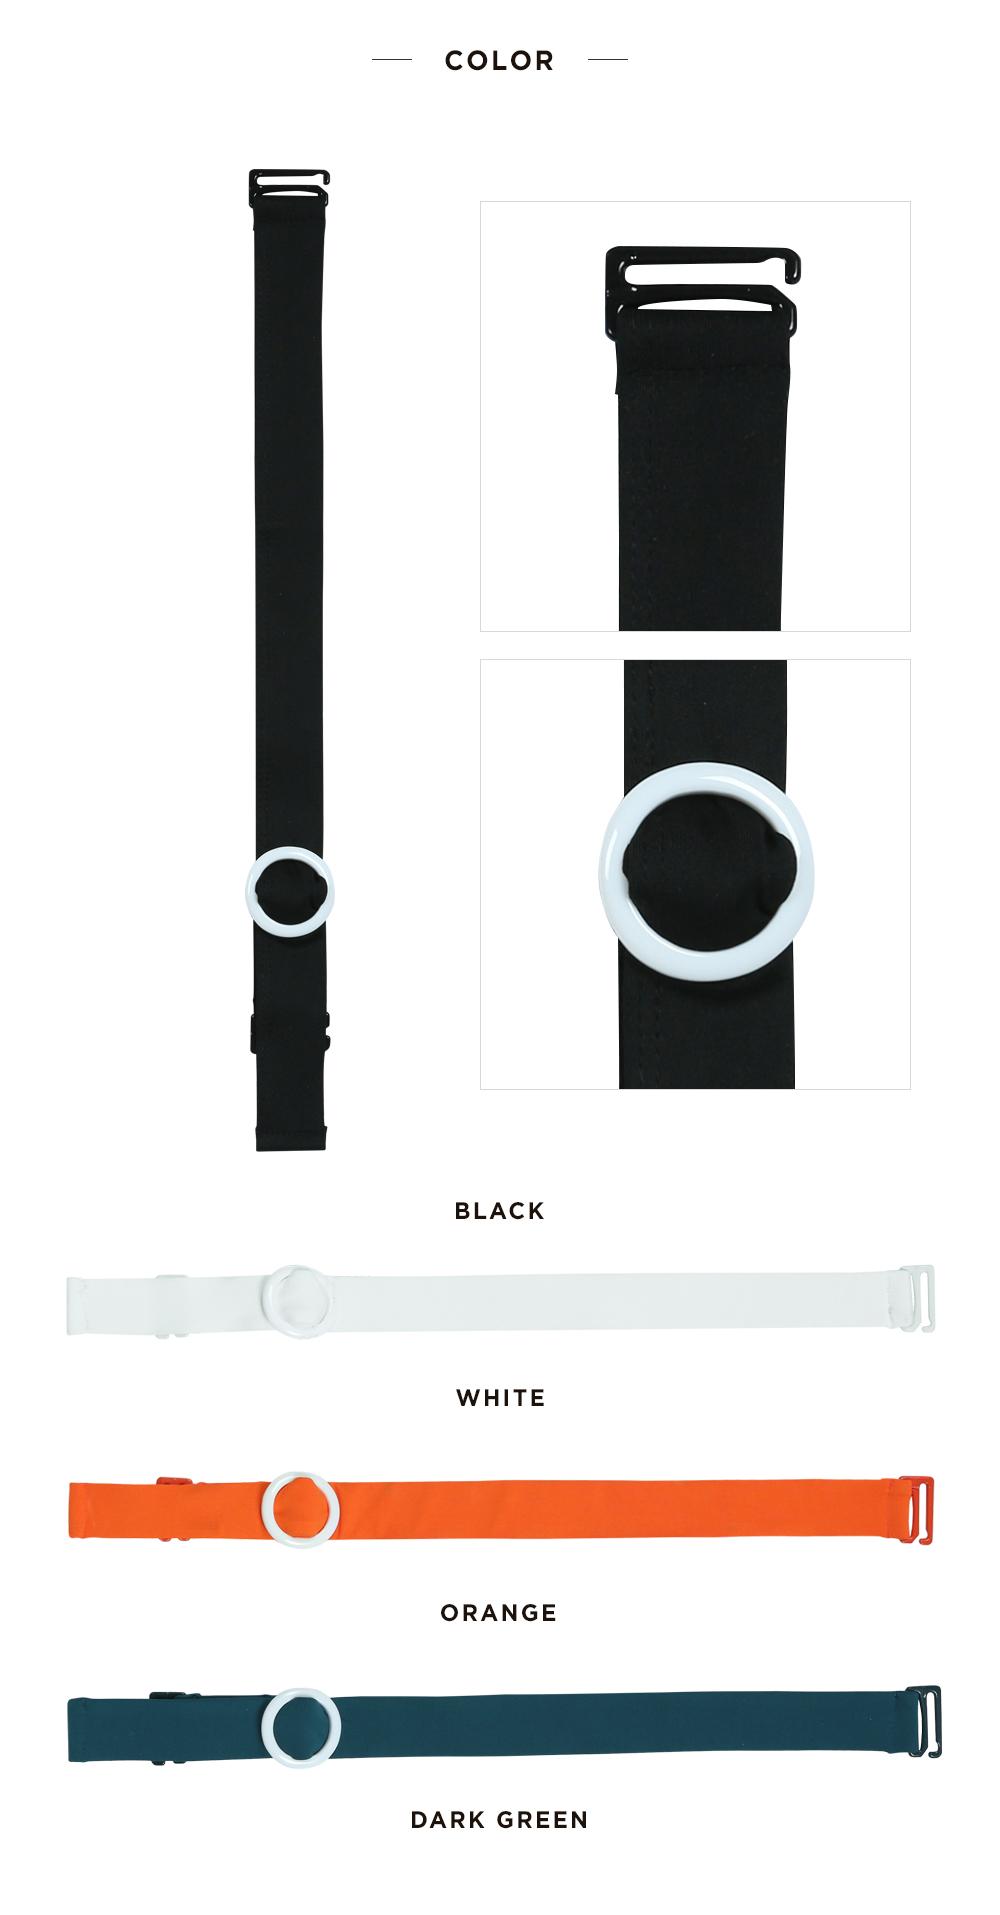 코랄리크(CORALIQUE) 컬러풀 액세서리 어깨끈_블랙/블랙 CO-CA19502KK